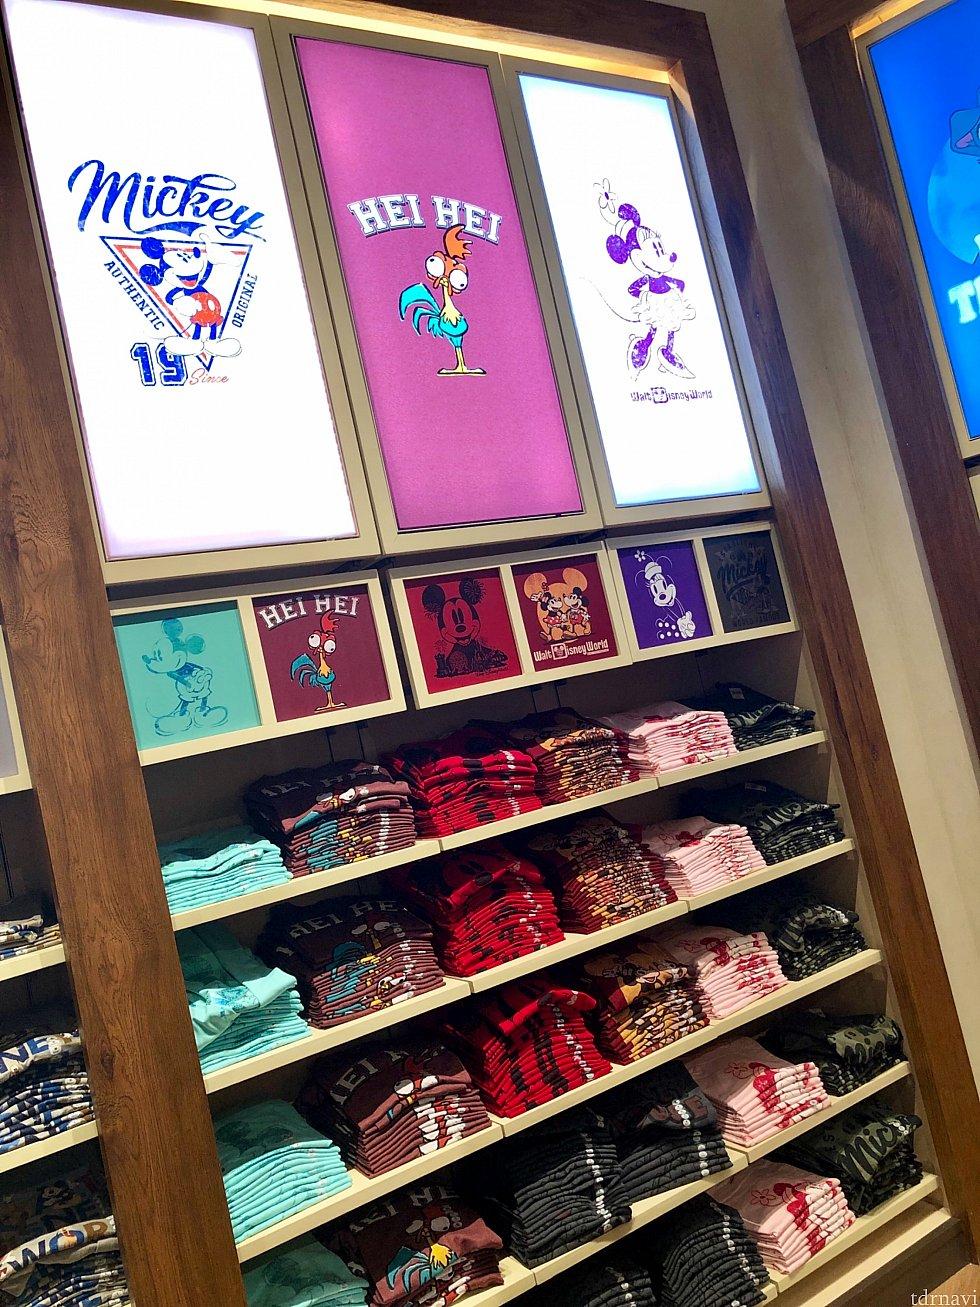 すごい数のTシャツ売り場。クラシックミッキーから最近のディズニーキャラクターまで幅広いデザインです。